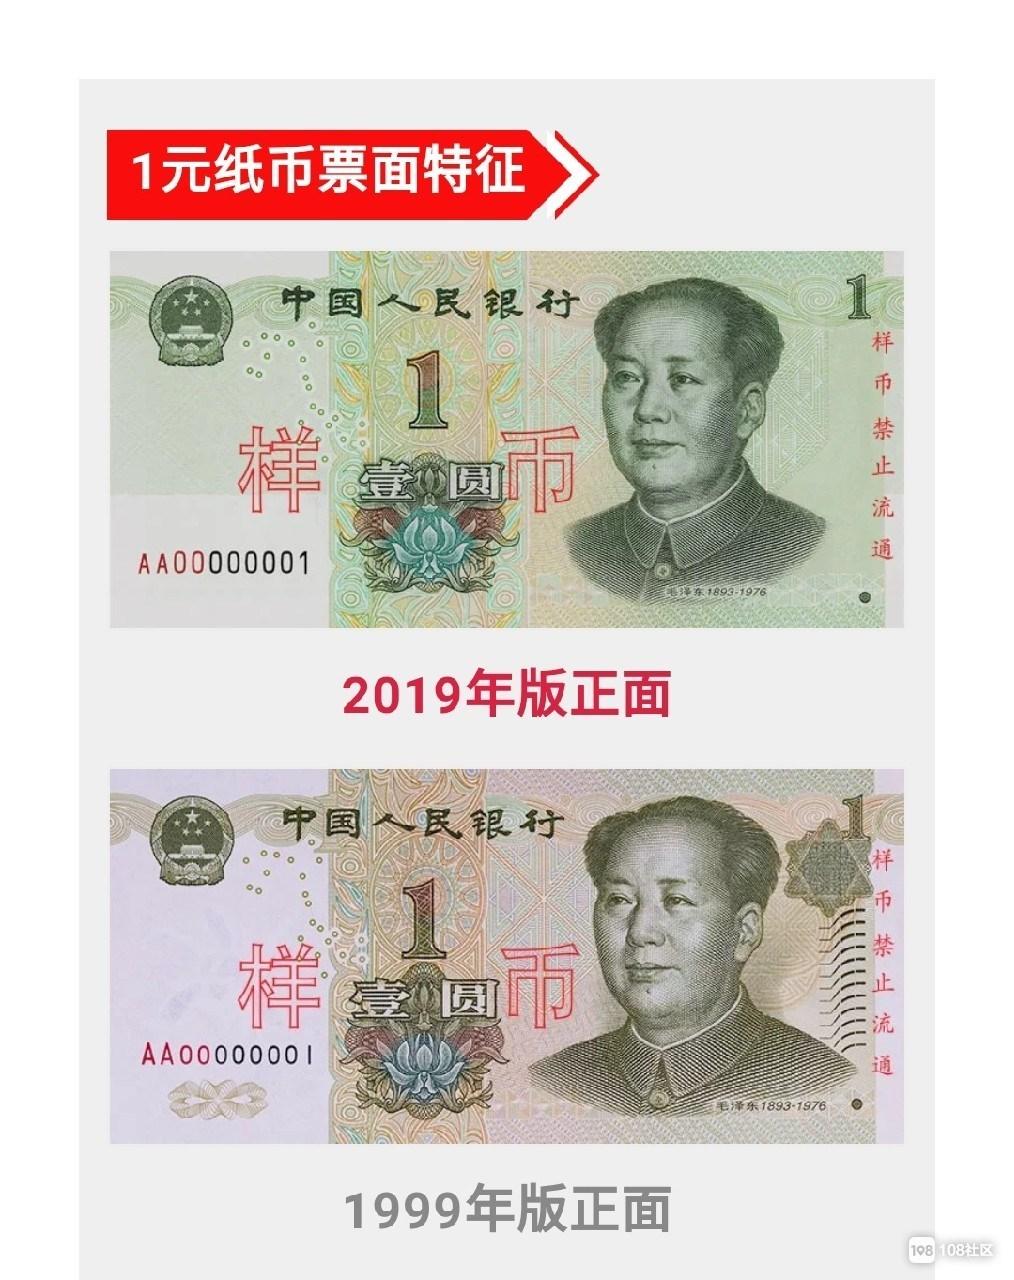 先睹为快!新版人民币8月正式发行,纸币硬币都将大变样…